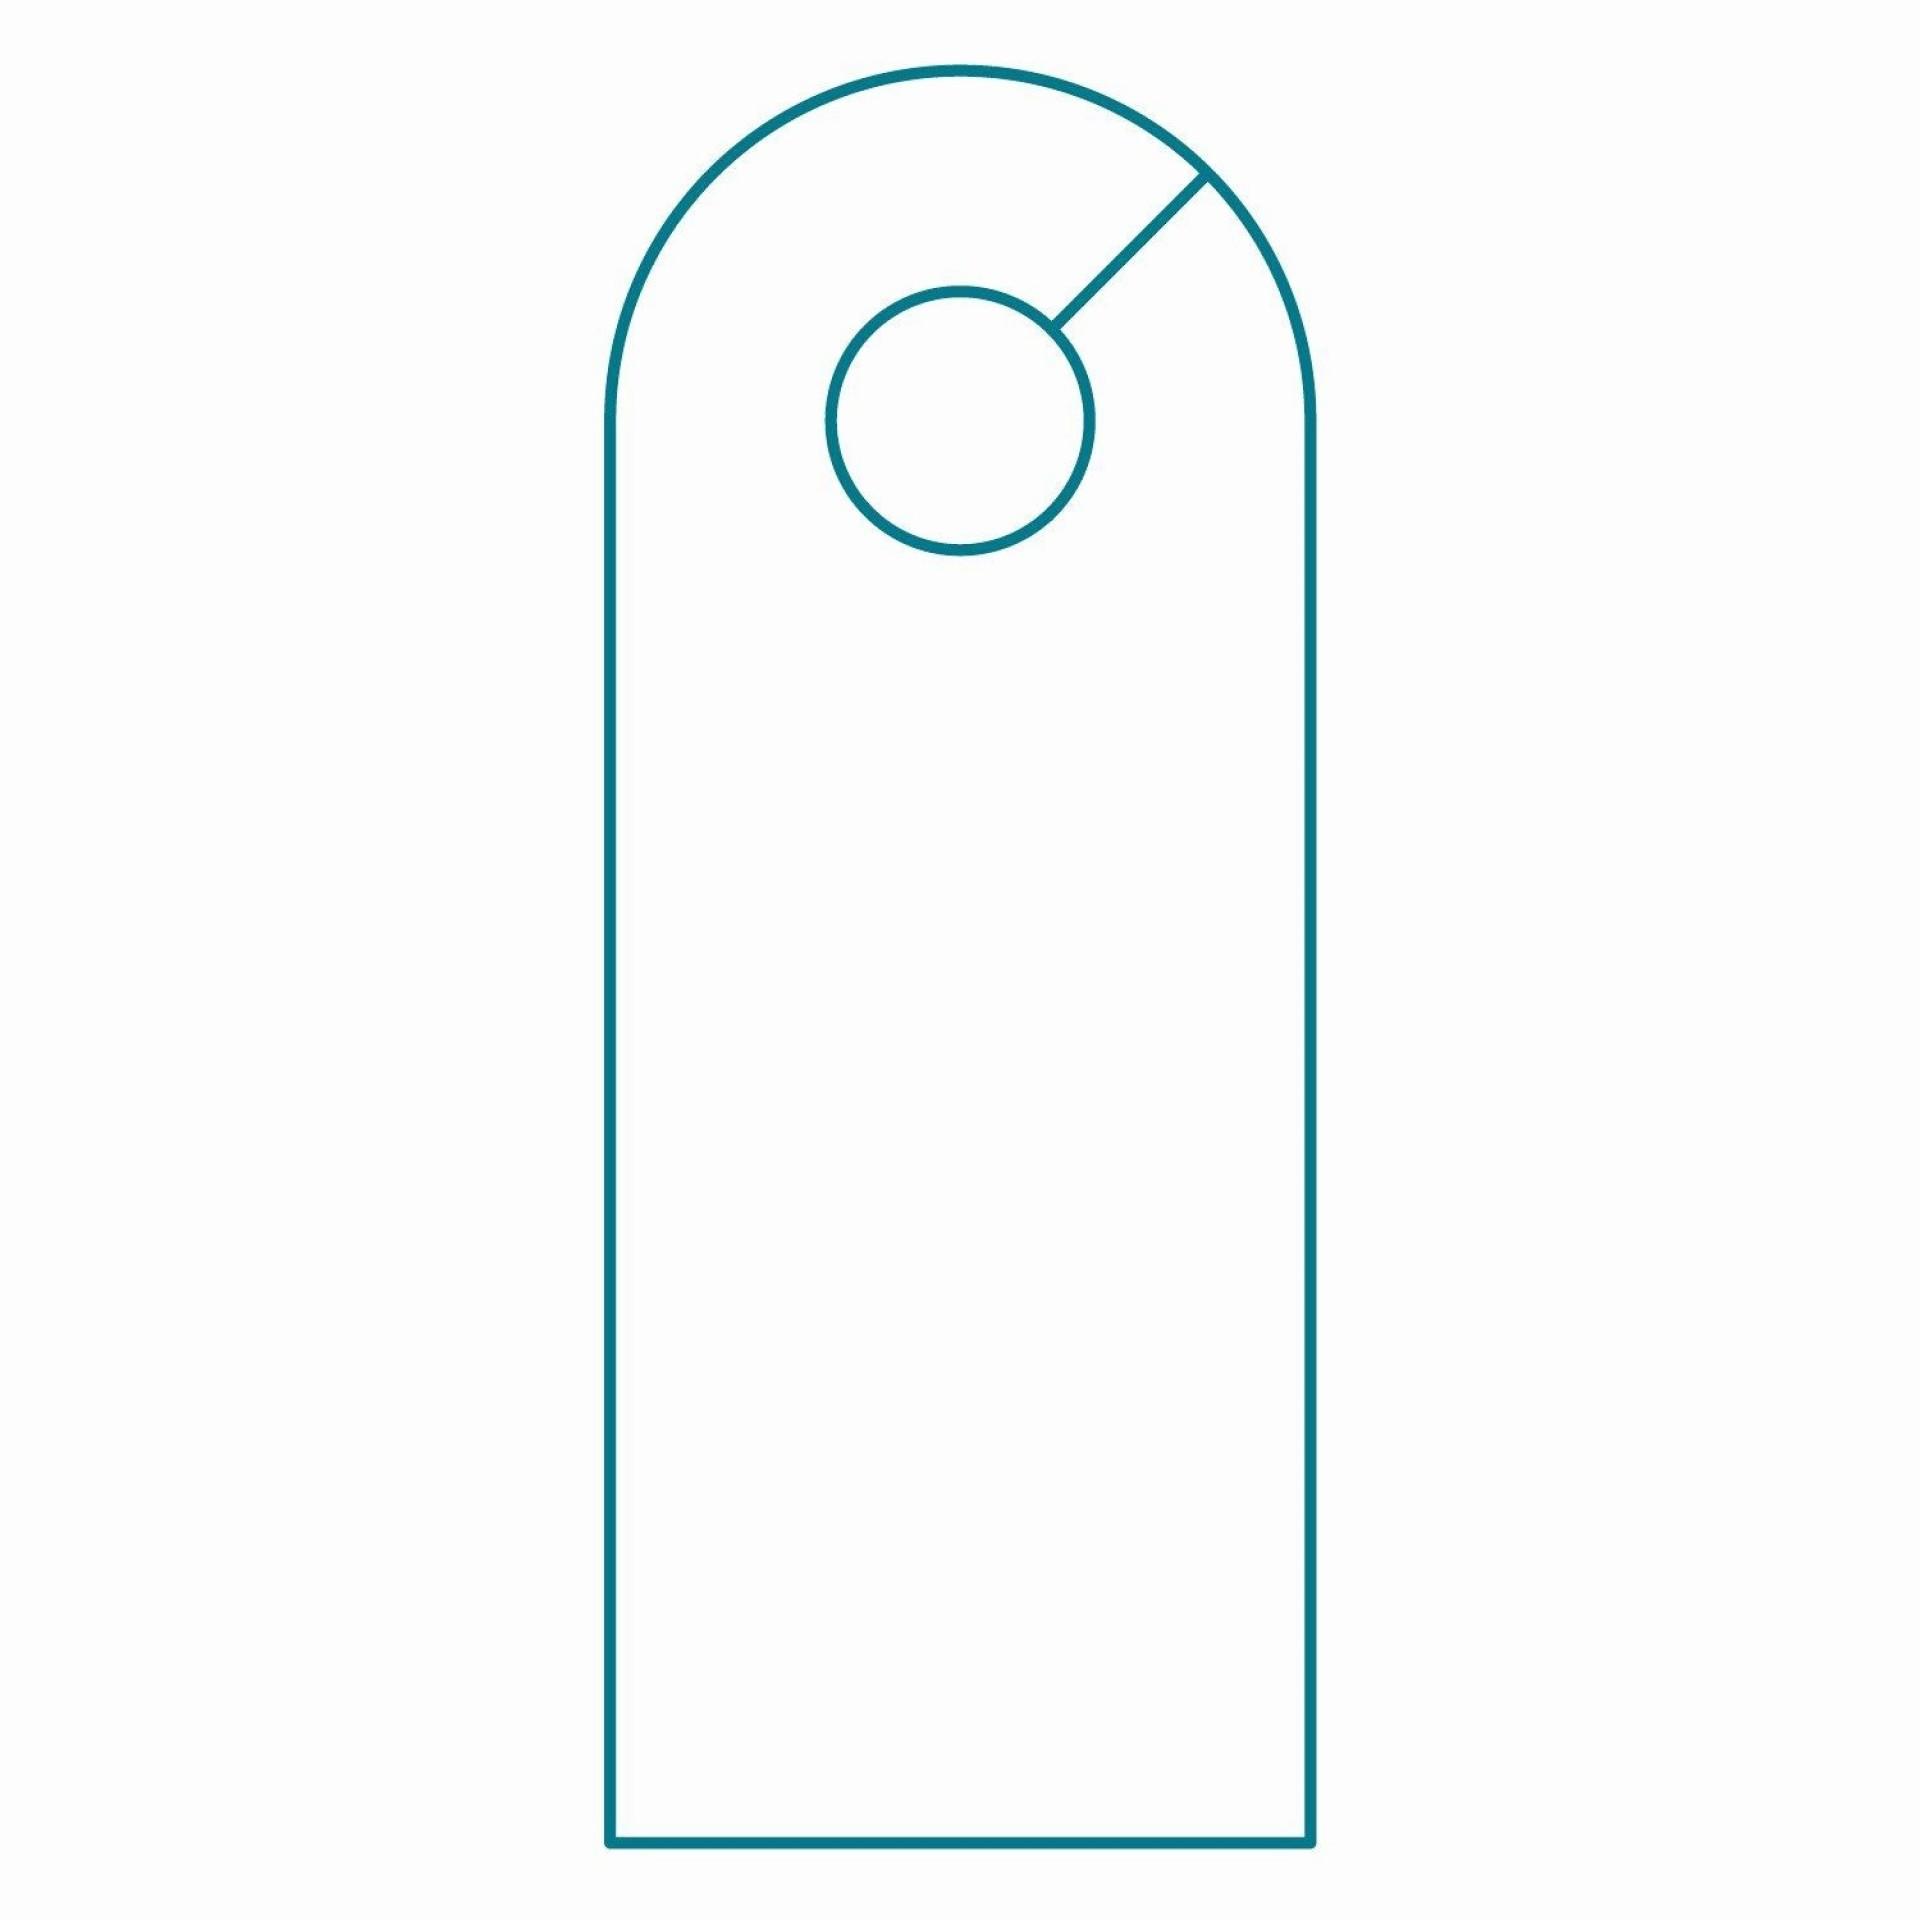 002 Amazing Door Hanger Template For Word Sample  Download Free Wedding Microsoft1920